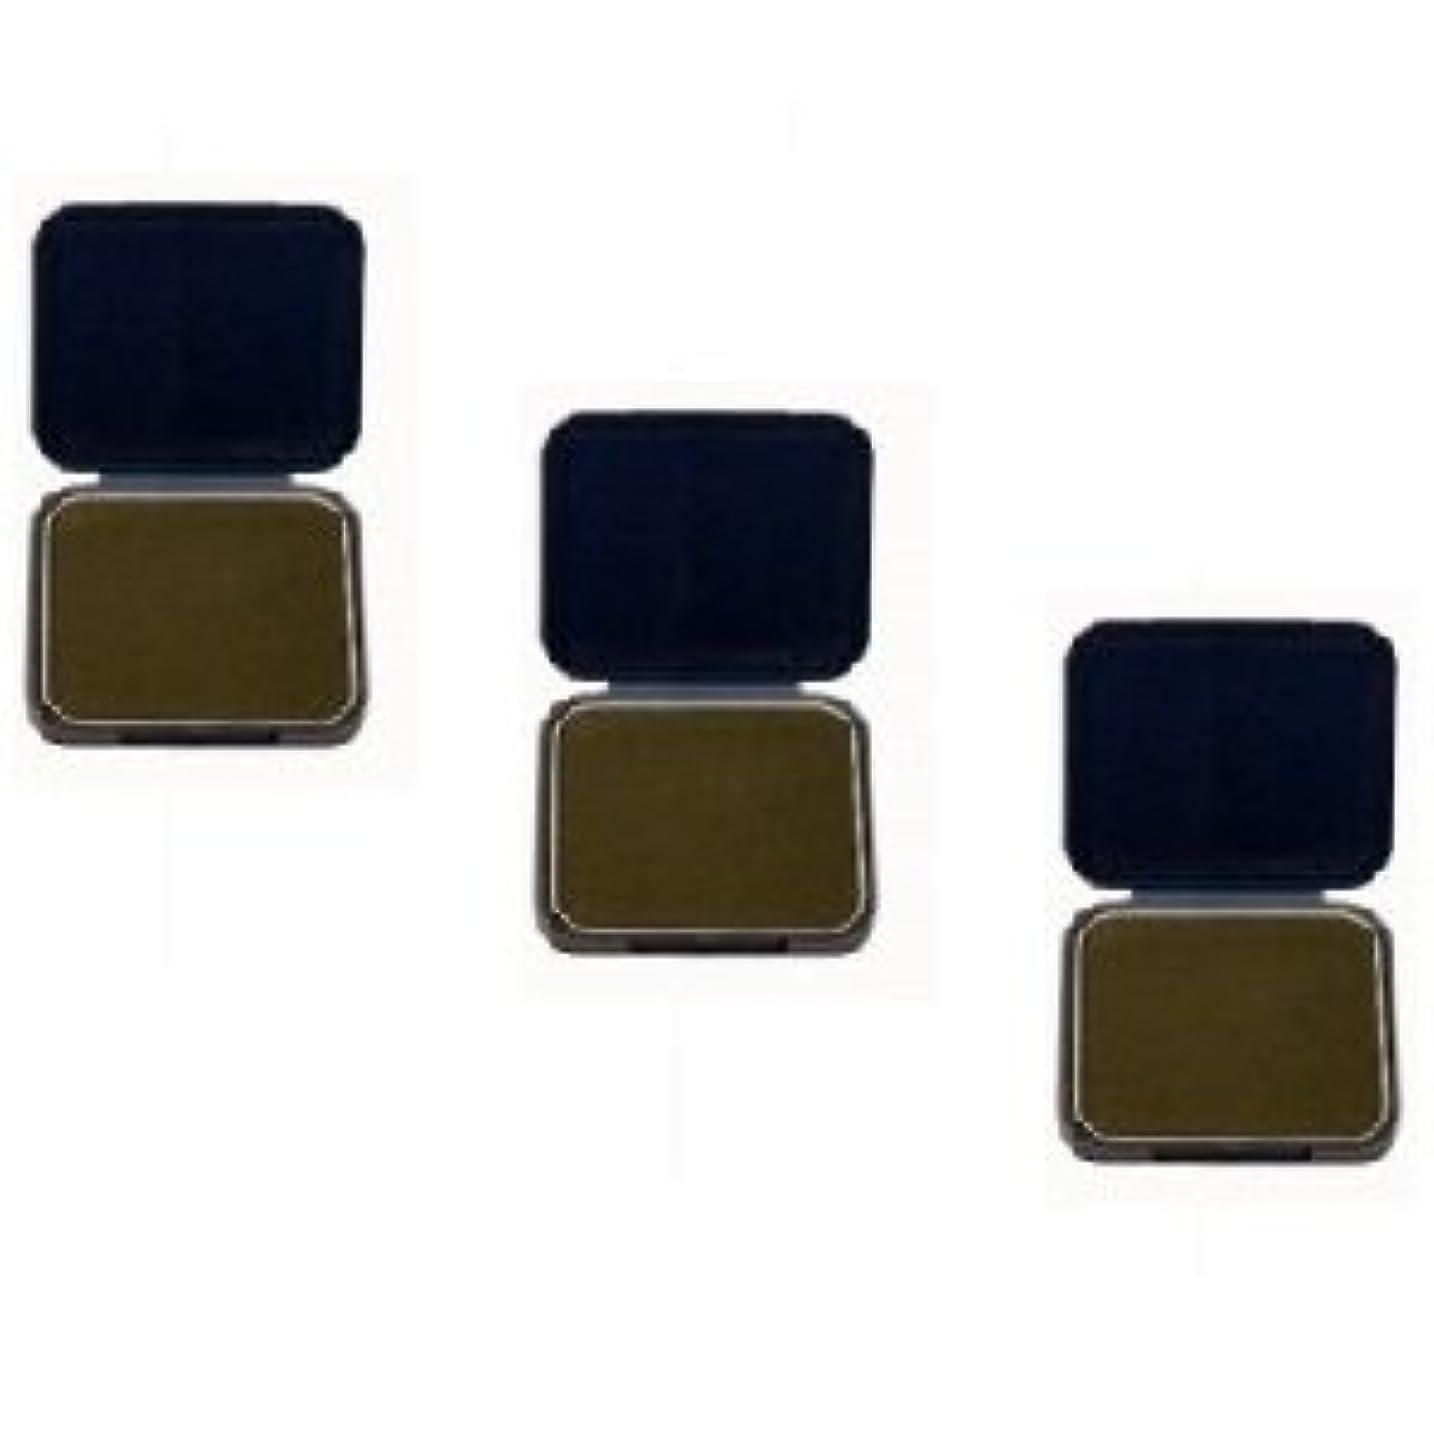 自宅で連鎖いいね【3個セット】 アモロス 黒彩 ヘアファンデーション 13g 栗 詰替え用レフィル